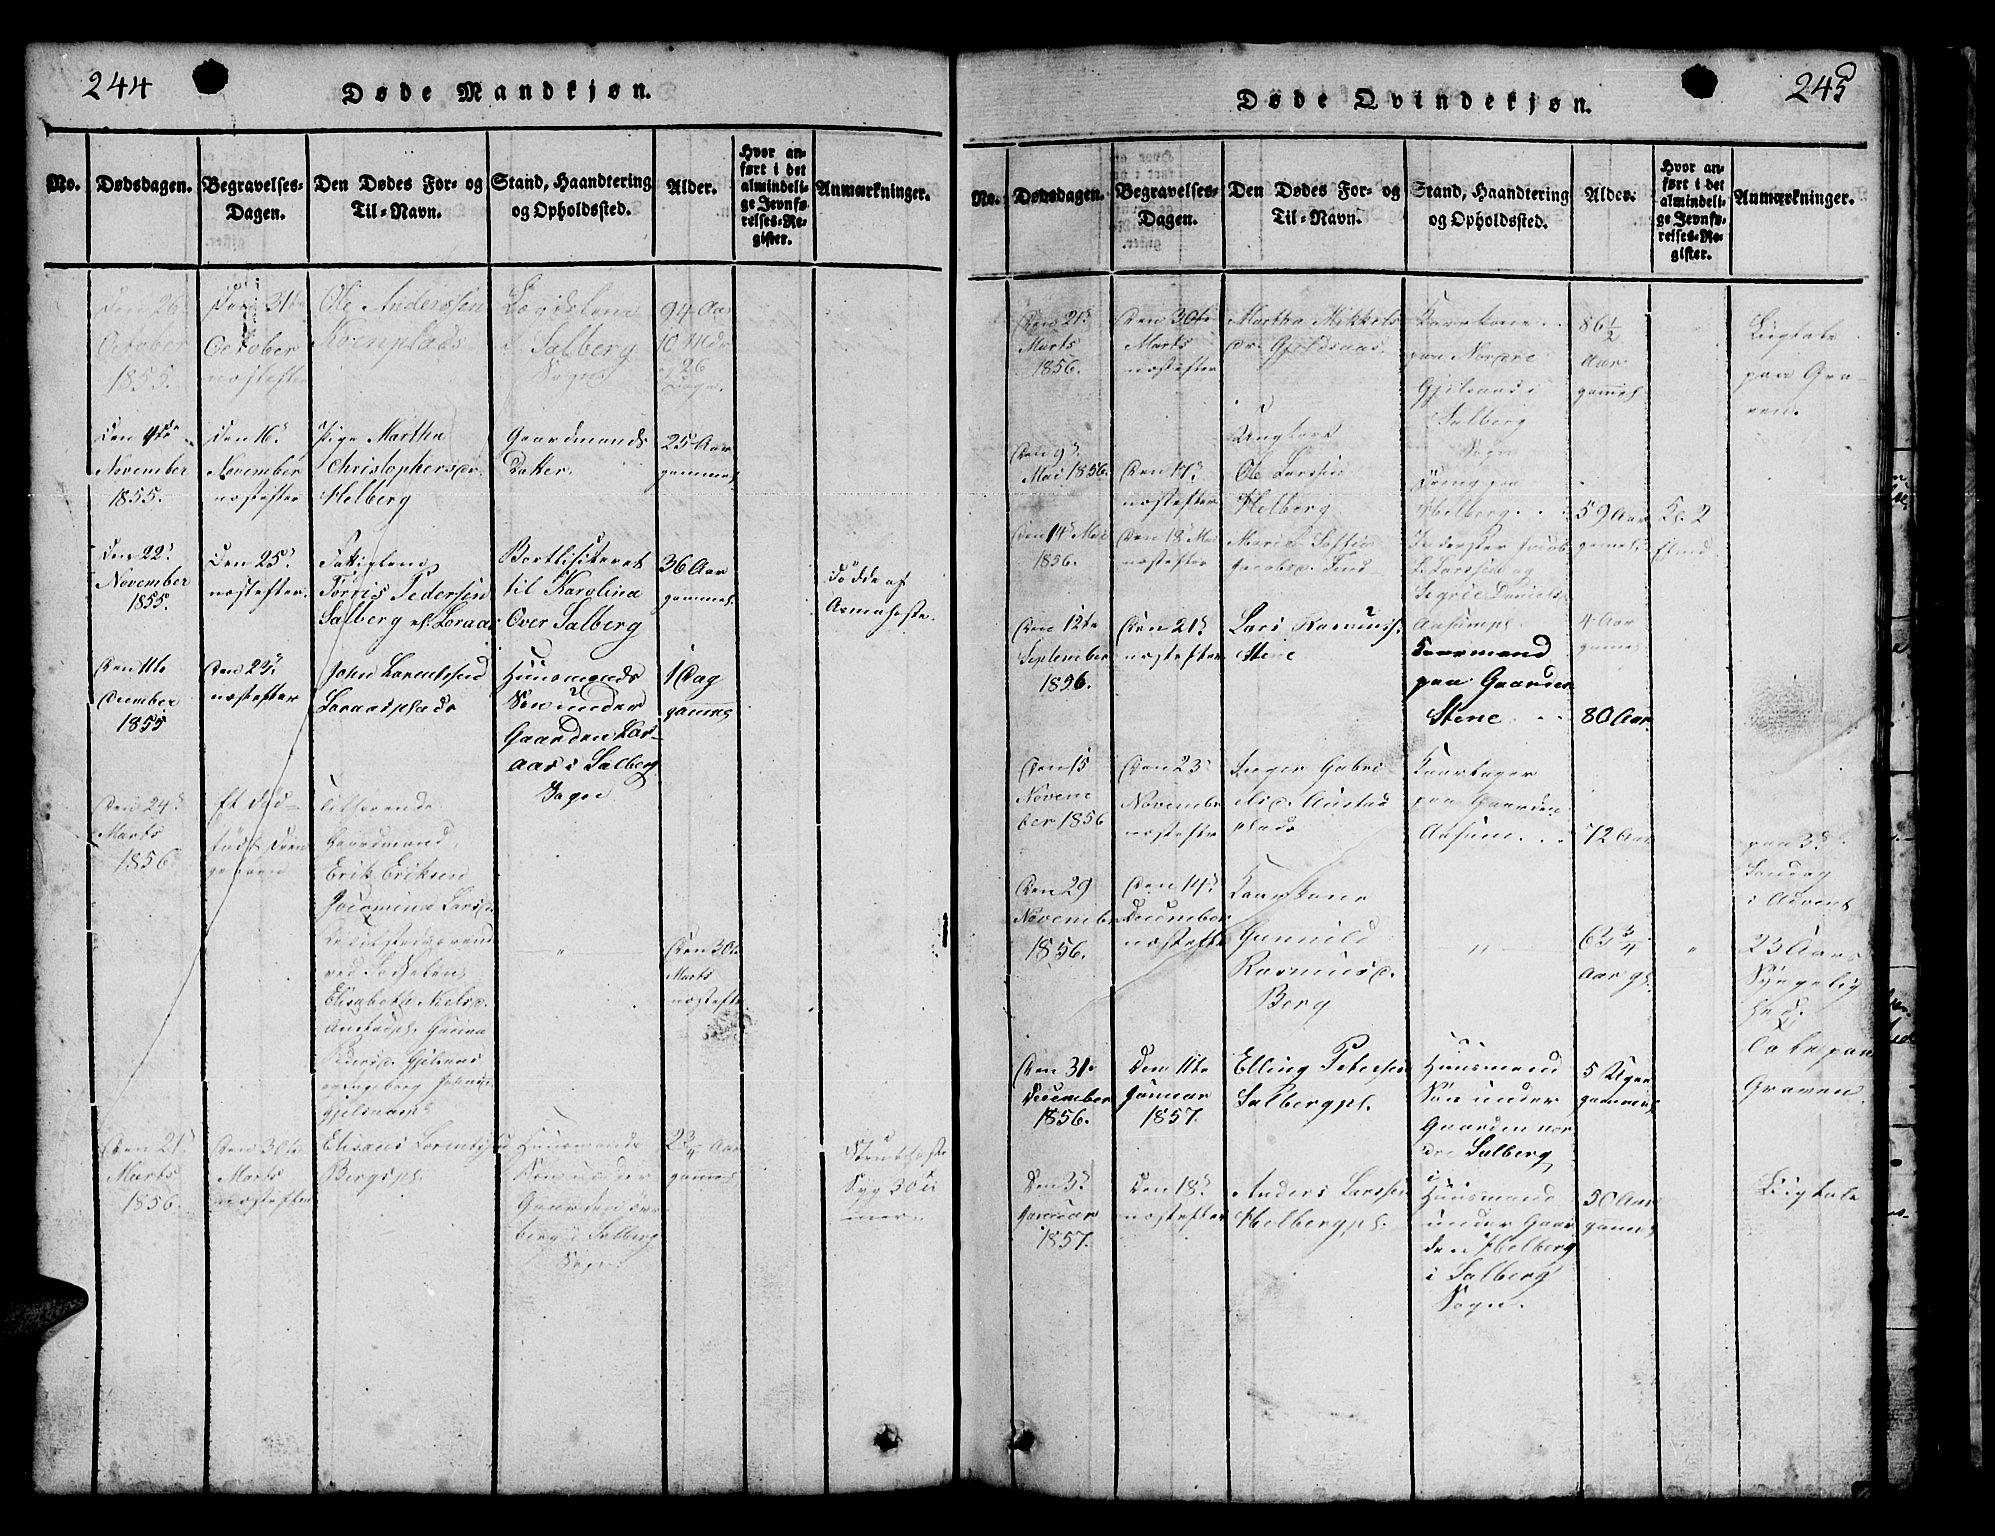 SAT, Ministerialprotokoller, klokkerbøker og fødselsregistre - Nord-Trøndelag, 731/L0310: Klokkerbok nr. 731C01, 1816-1874, s. 244-245